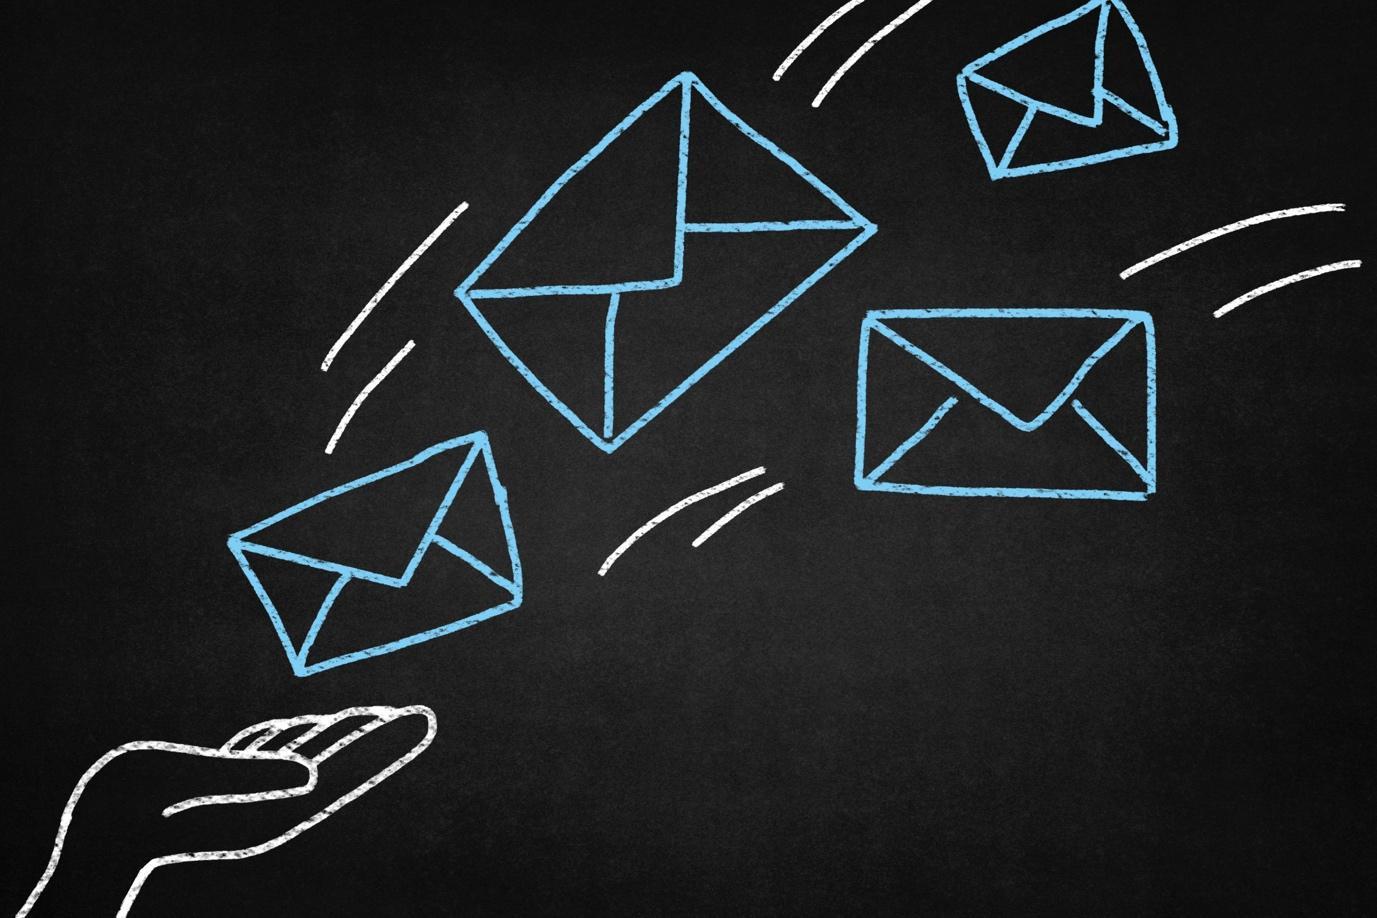 行銷郵件的平均開信率以及點擊率是多少?怎麼才算健康的指標?